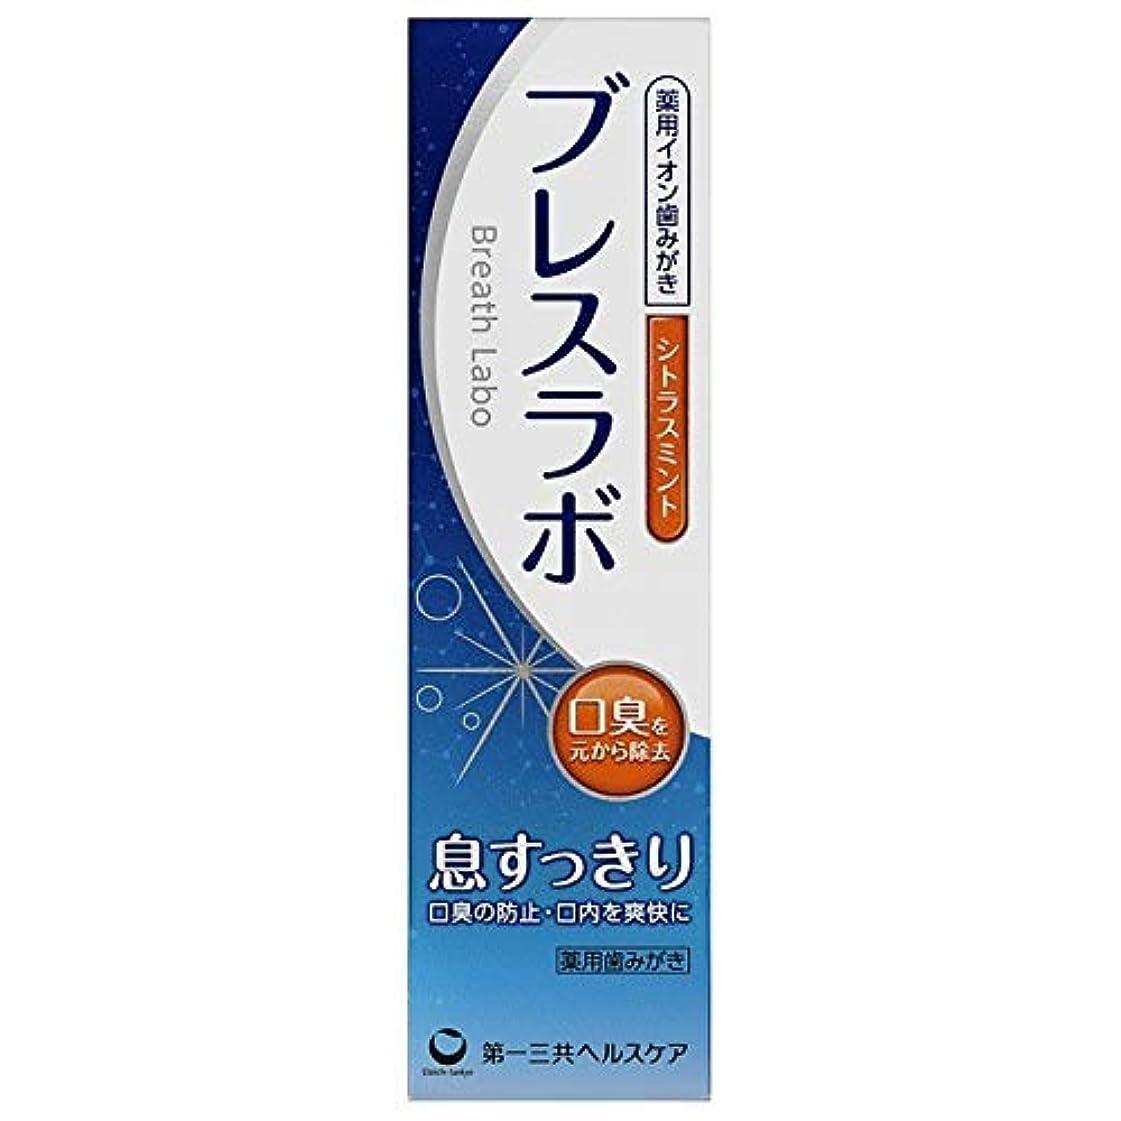 タバコタバコ電信【6個セット】ブレスラボ シトラスミント 90g